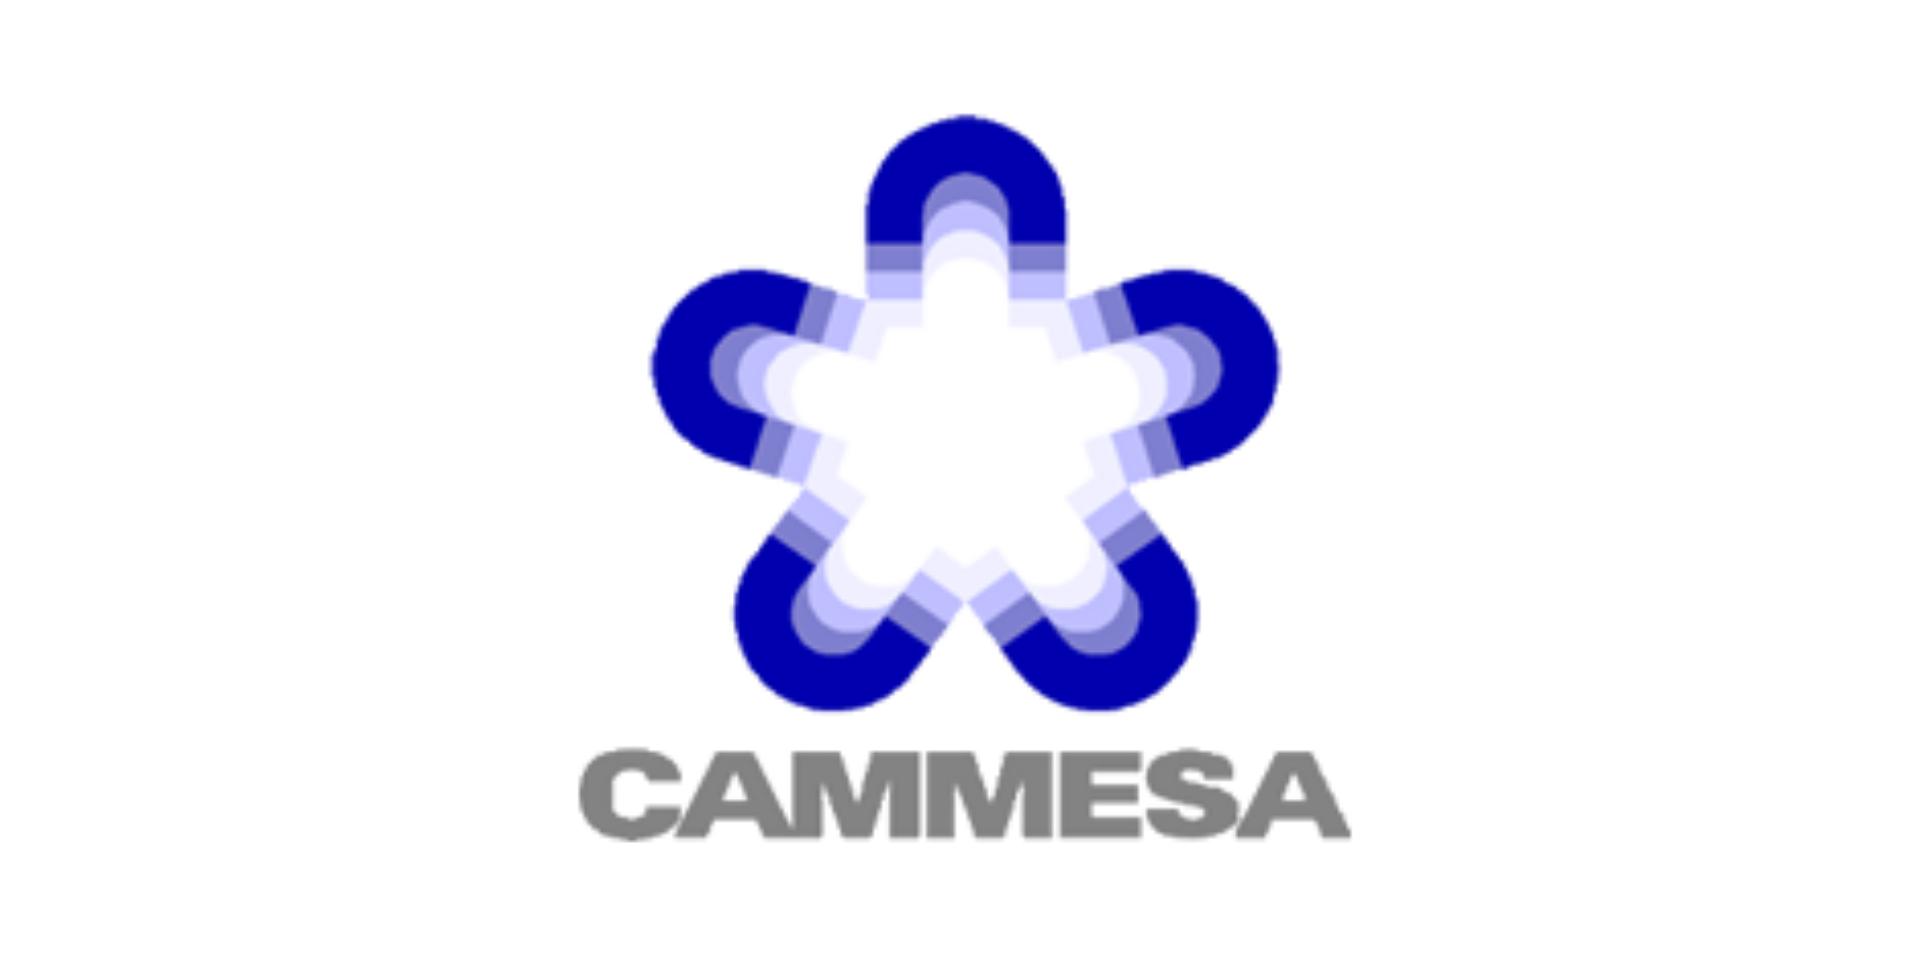 CAMMESA Compañía Administradora del Mercado Mayorista Eléctrico